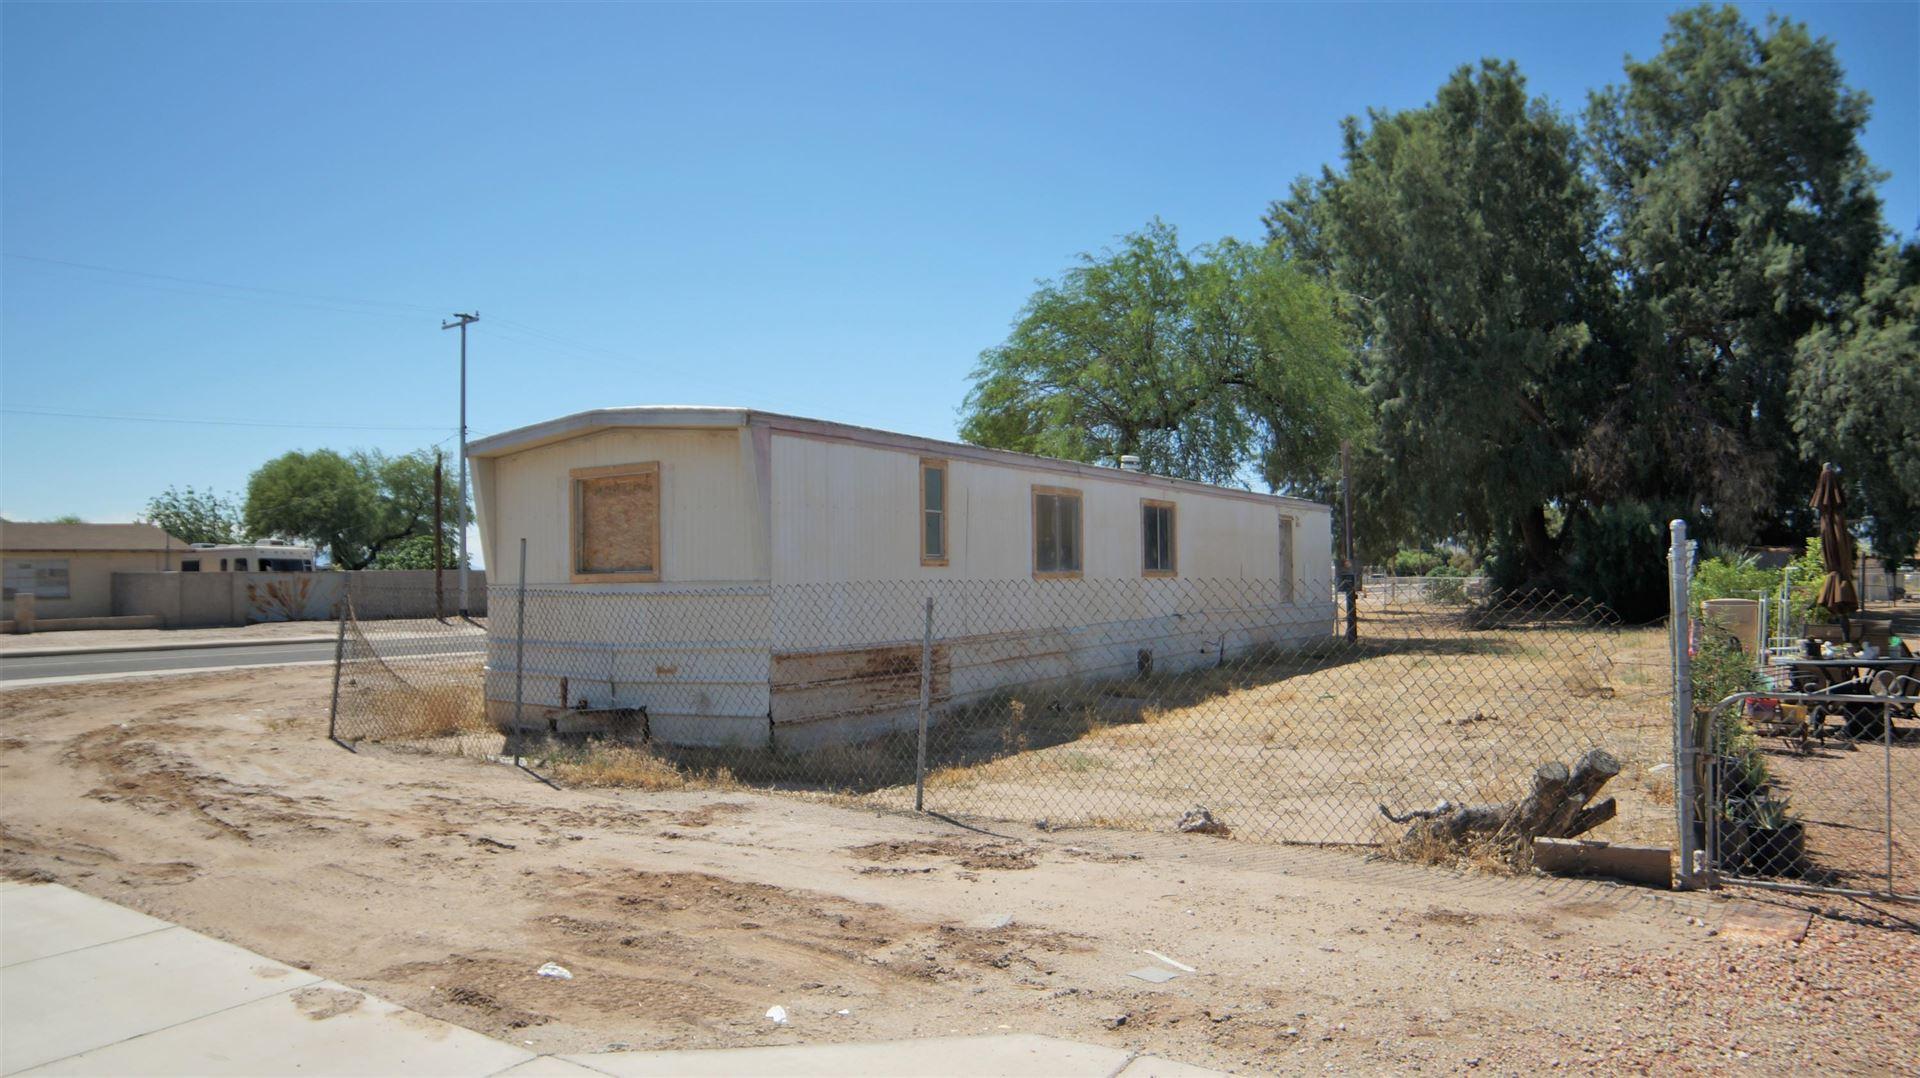 513 E MAHONEY Avenue, Buckeye, AZ 85326 - MLS#: 6227532